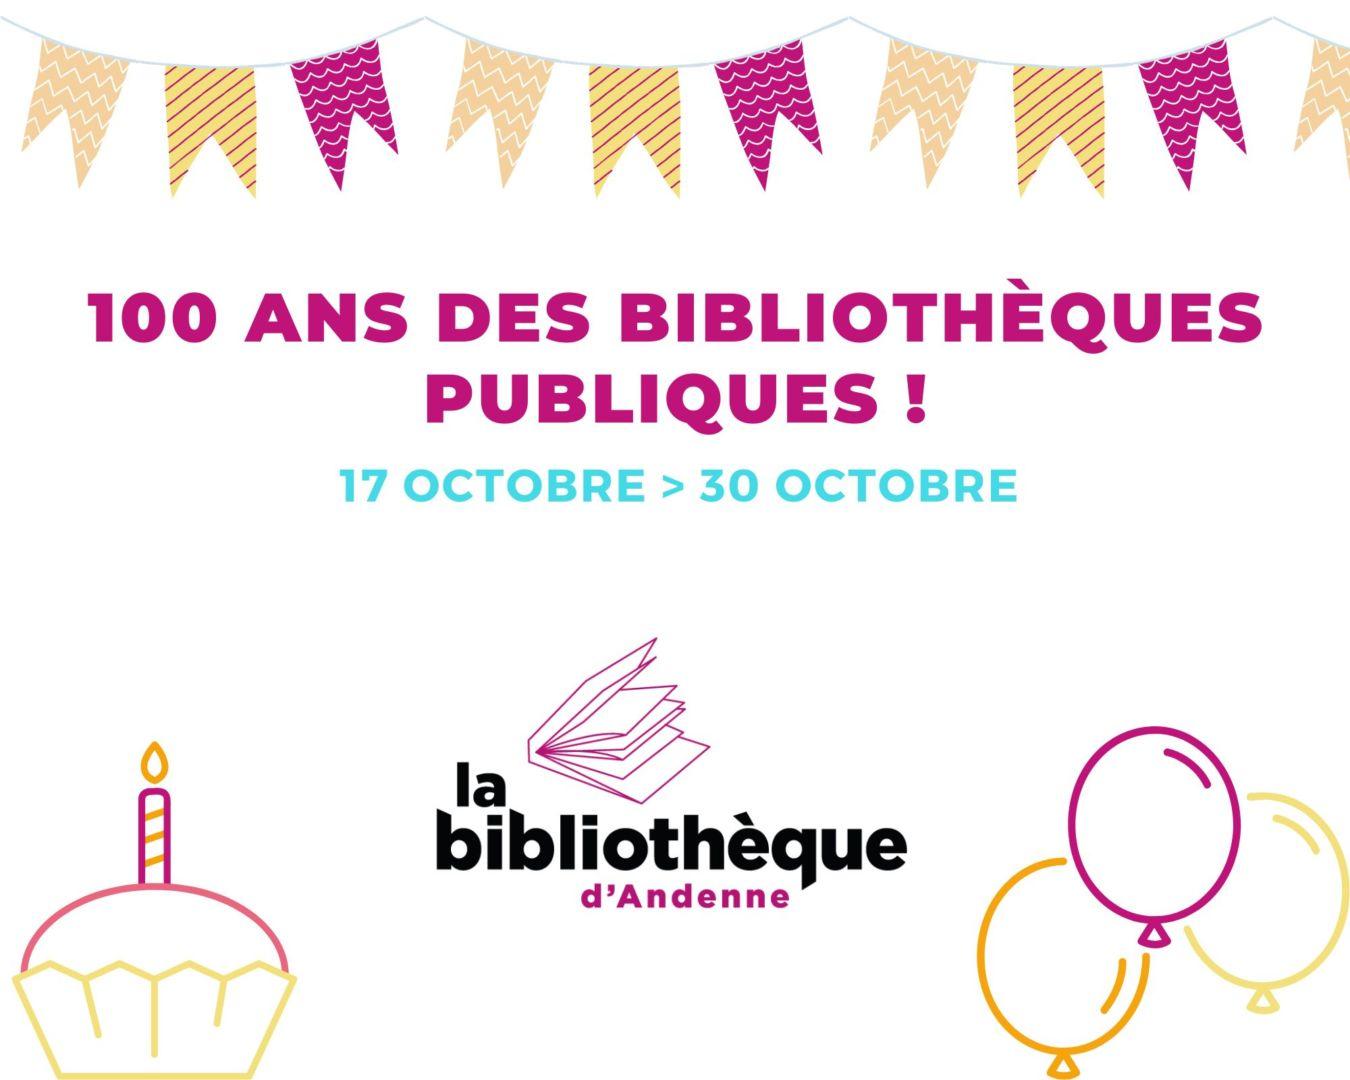 100 ans des bibliothèques publiques du 17.10 au 30.10